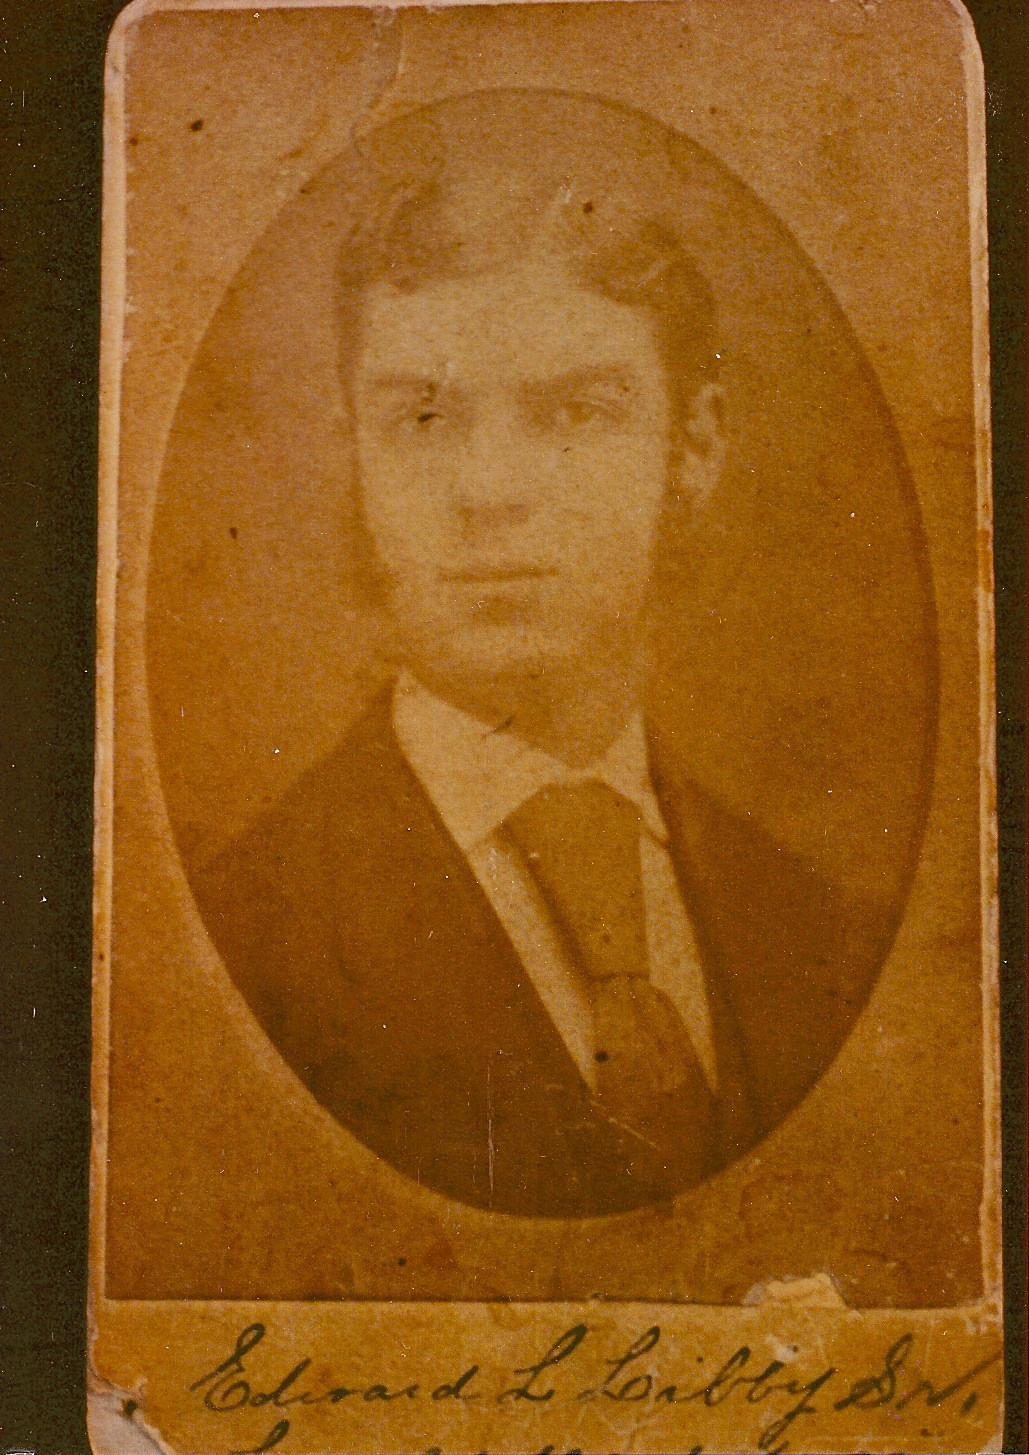 Edward Louis Libby